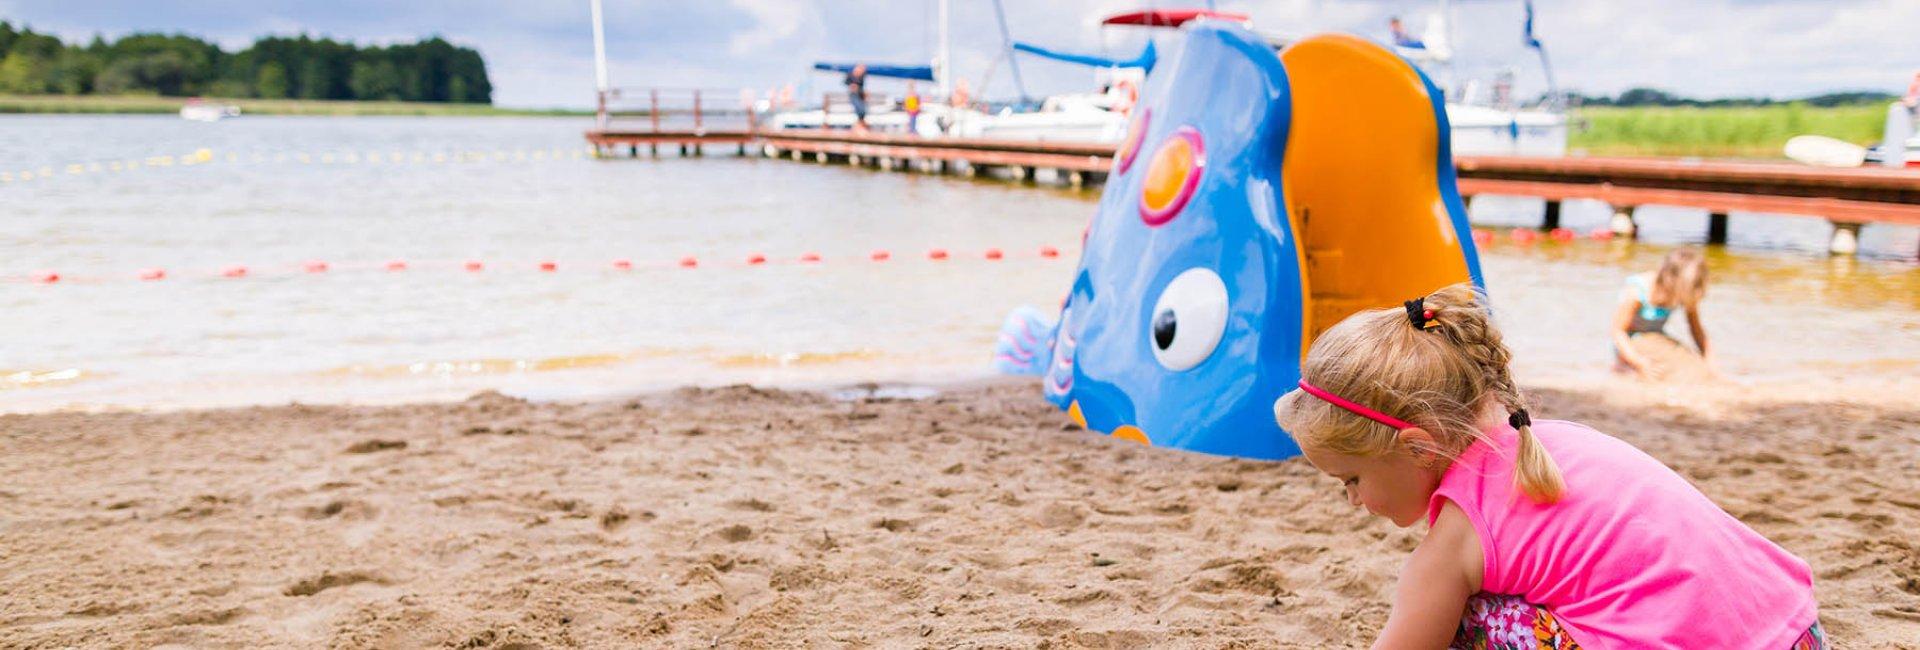 Plaża z kąpieliskiem